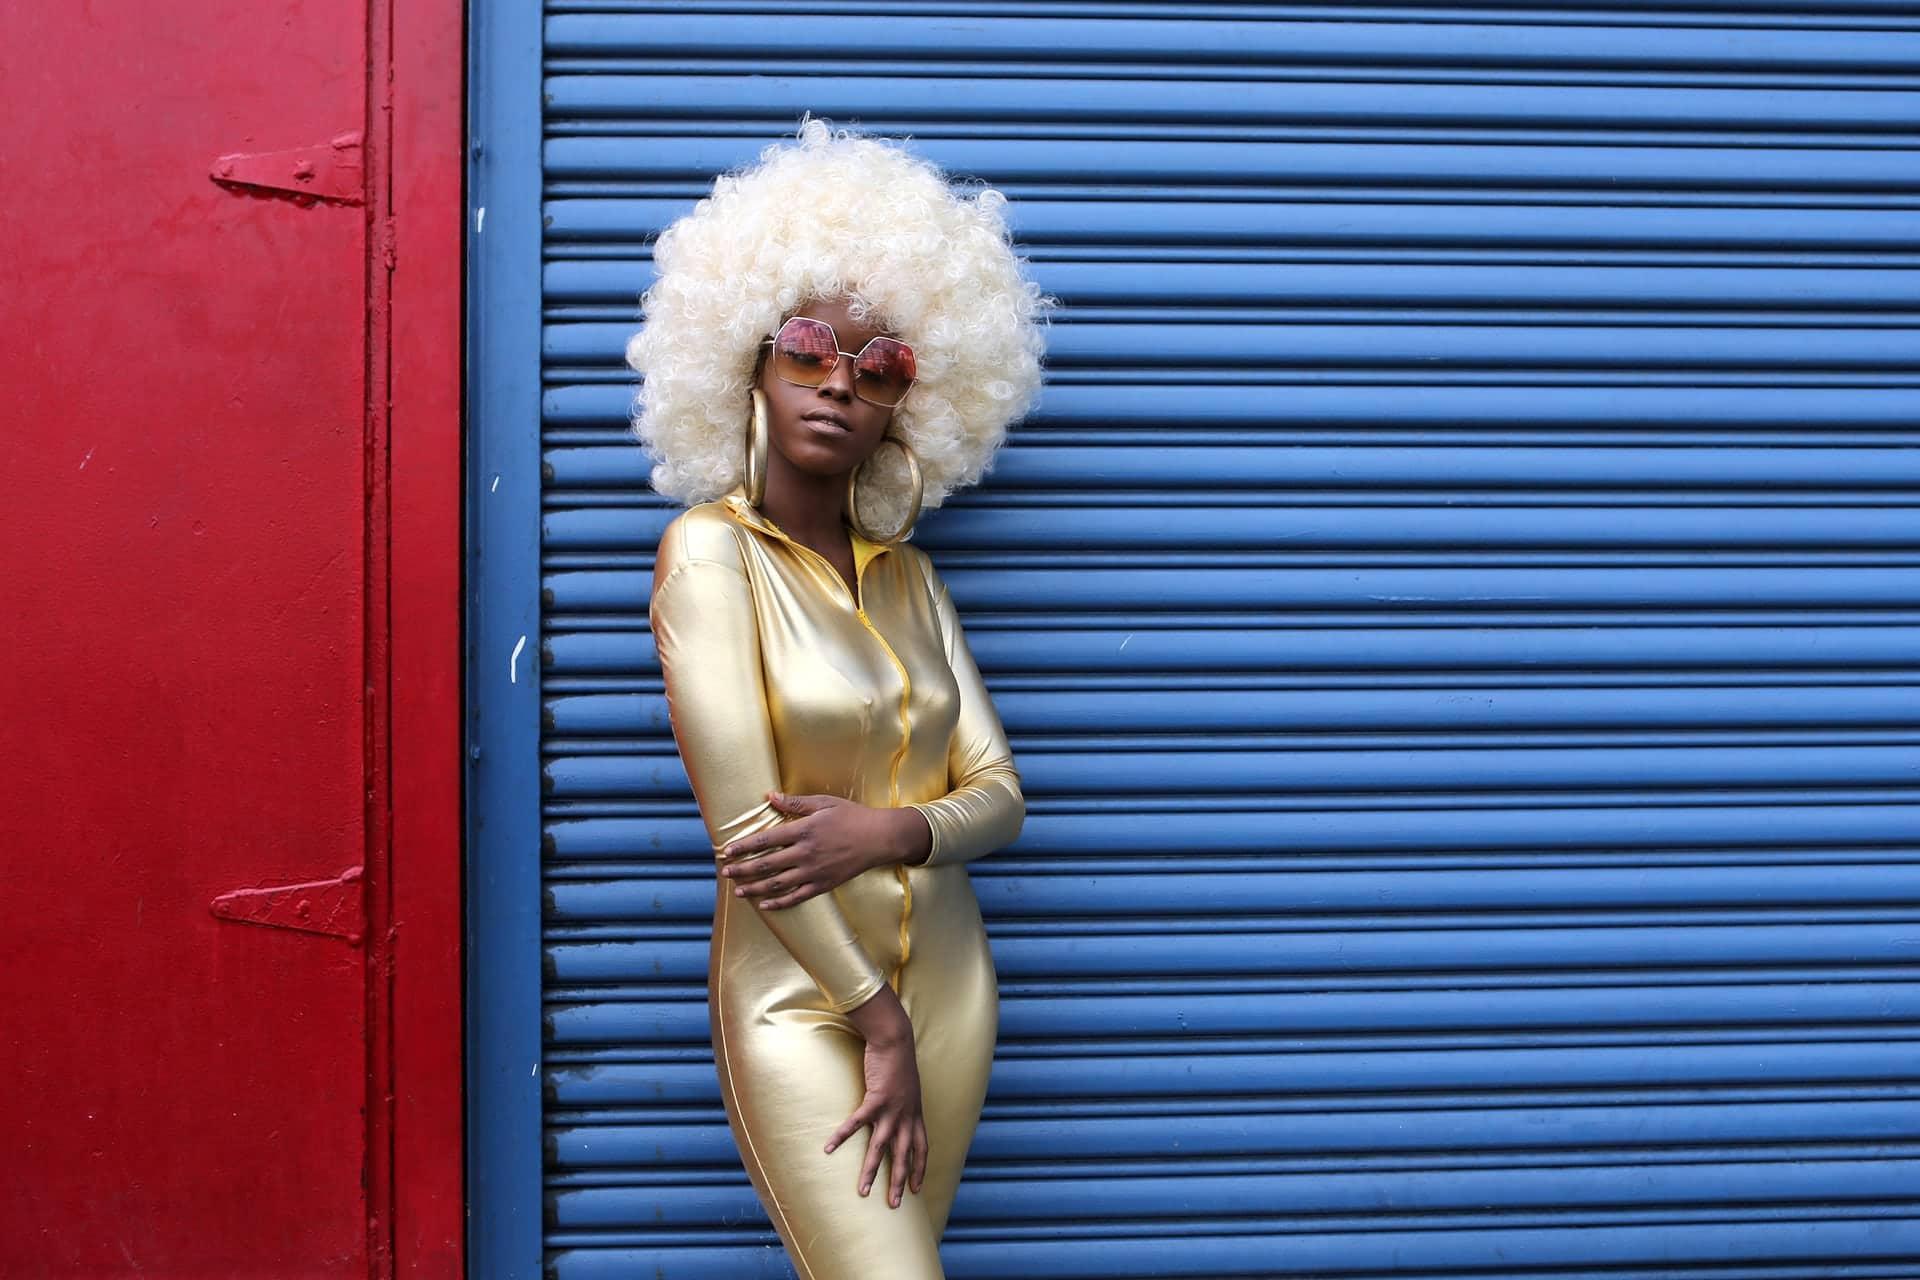 La modella e blogger Fennel Like Whoa posa per una foto durante la settimana della moda di New York